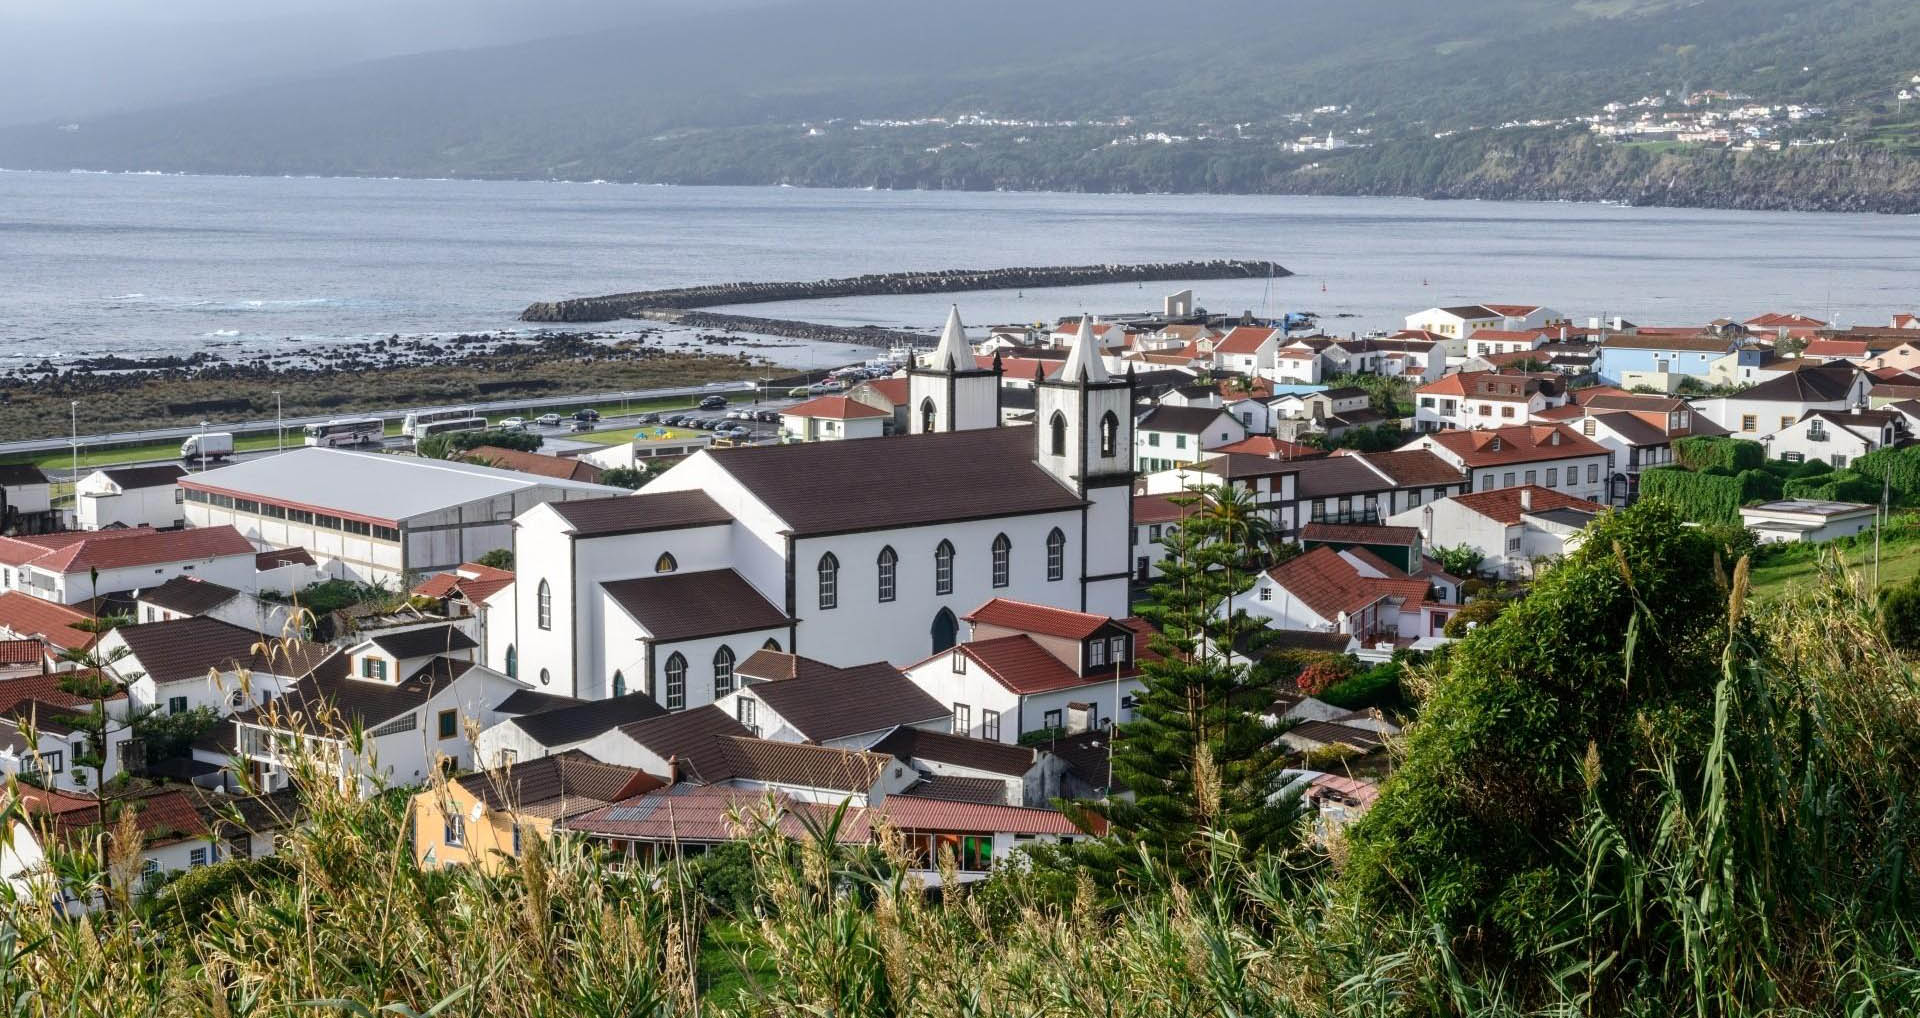 Location de voiliers aux Açores